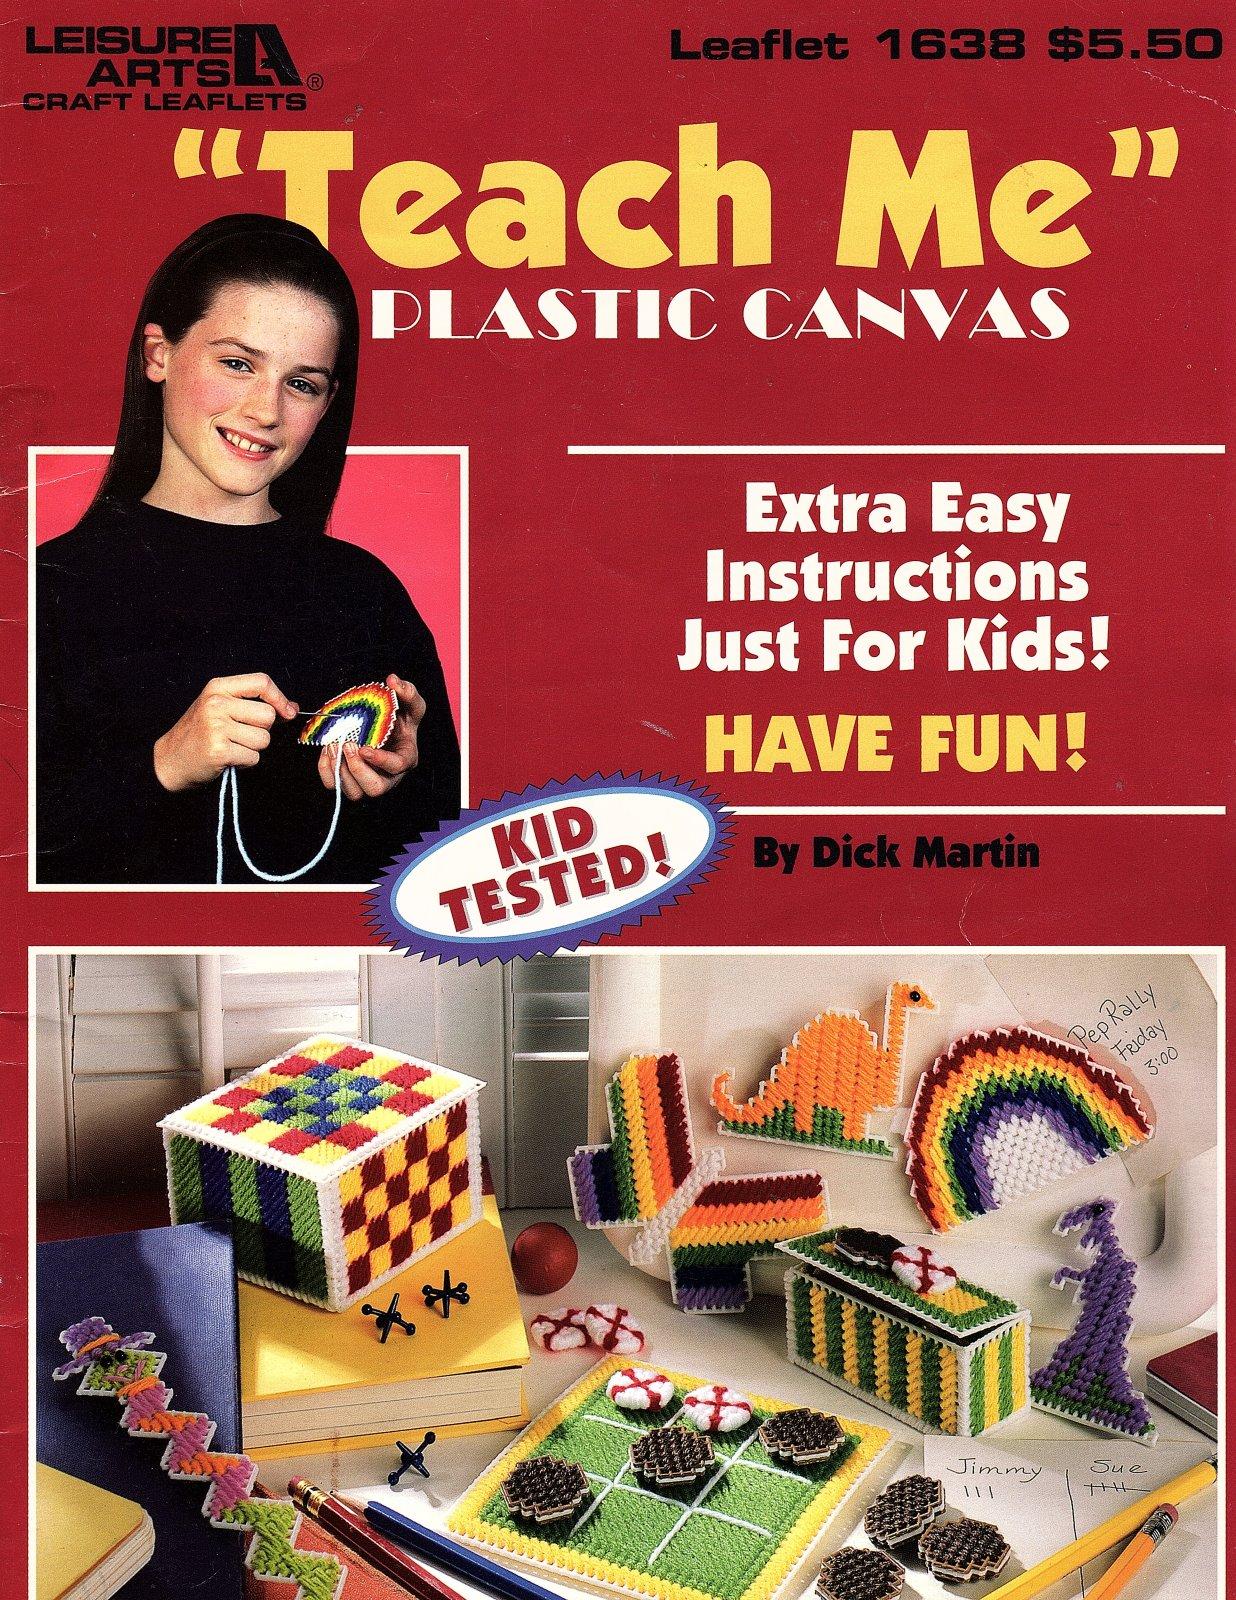 'Teach Me' Plastic Canvas - Leisure Arts Craft Leaflet 1638